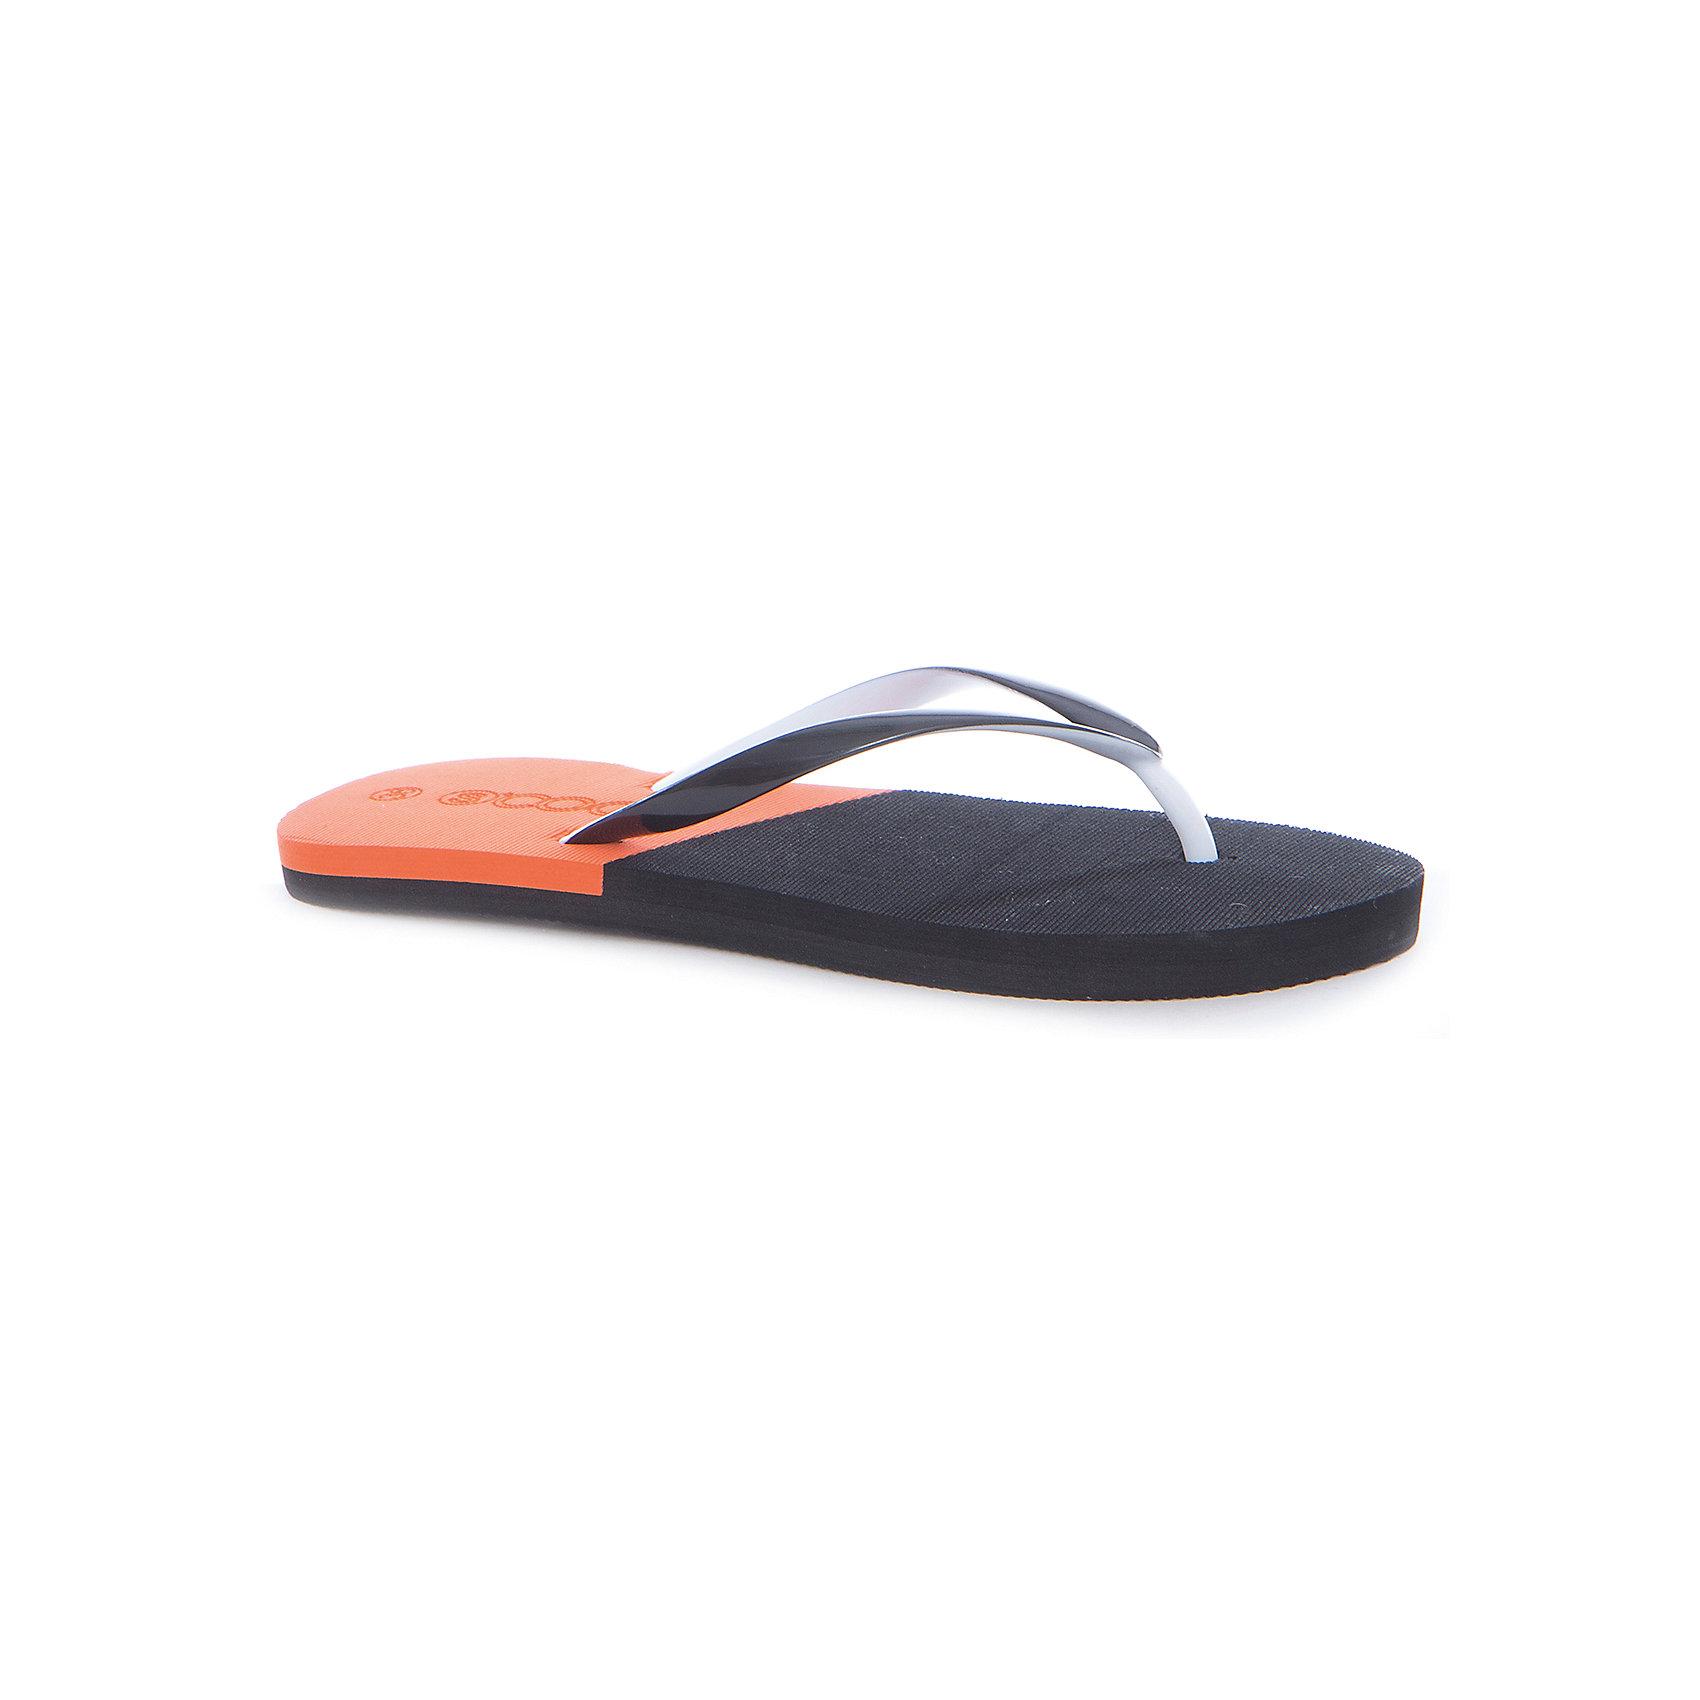 Шлепанцы для мальчика ScoolПляжная обувь<br>Пантолеты для мальчика Scool<br>Модель выполнена из мягкого водонепроницаемого материала. Контрасный сочный рисунок подошвы выгодно отличает данное изделие.<br>Состав:<br>100% поливинилхлорид<br><br>Ширина мм: 225<br>Глубина мм: 139<br>Высота мм: 112<br>Вес г: 290<br>Цвет: разноцветный<br>Возраст от месяцев: 168<br>Возраст до месяцев: 192<br>Пол: Мужской<br>Возраст: Детский<br>Размер: 40,36,37,38,39<br>SKU: 5406836